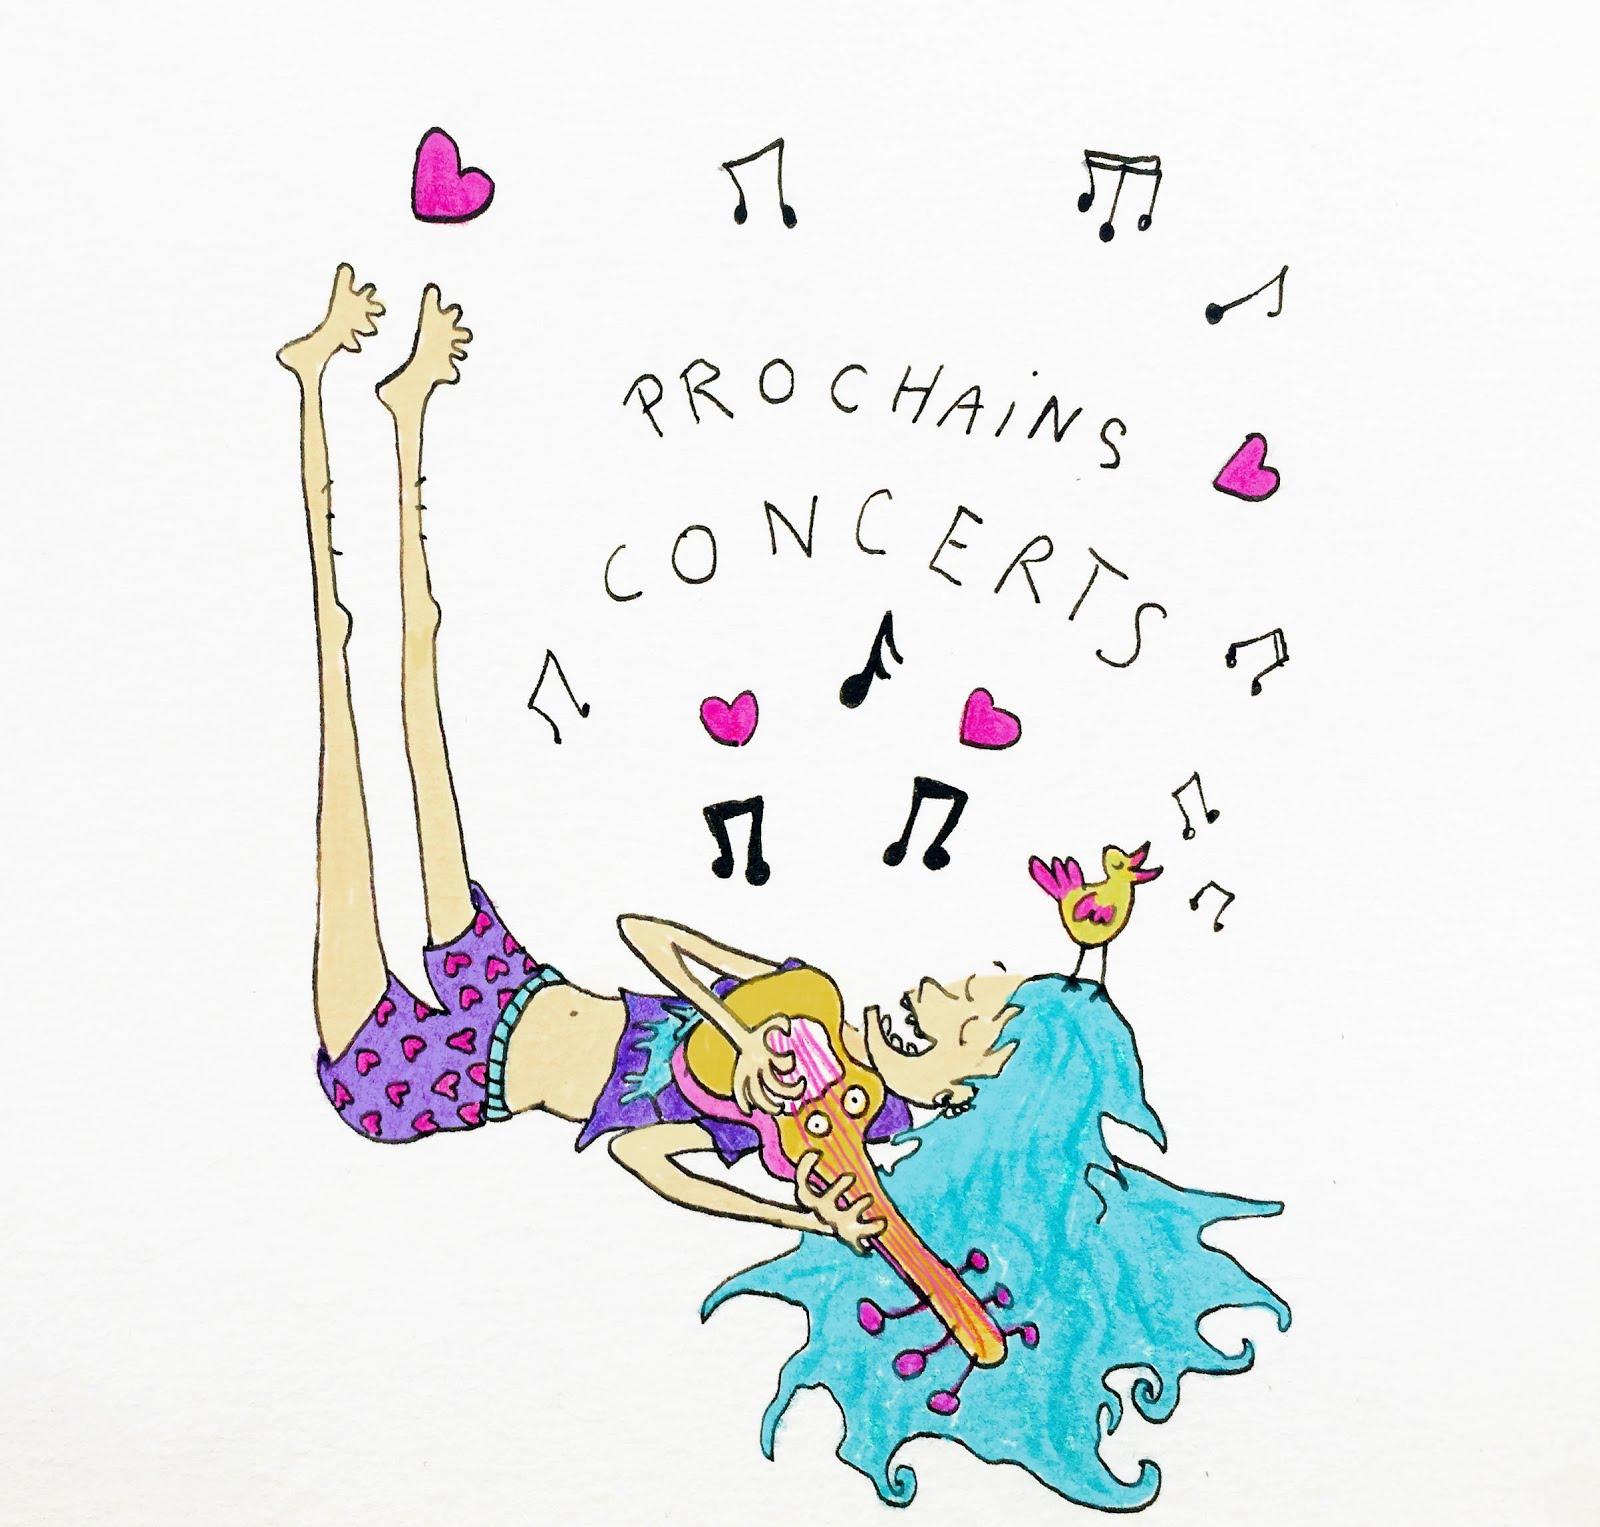 PROCHAINS CONCERTS !